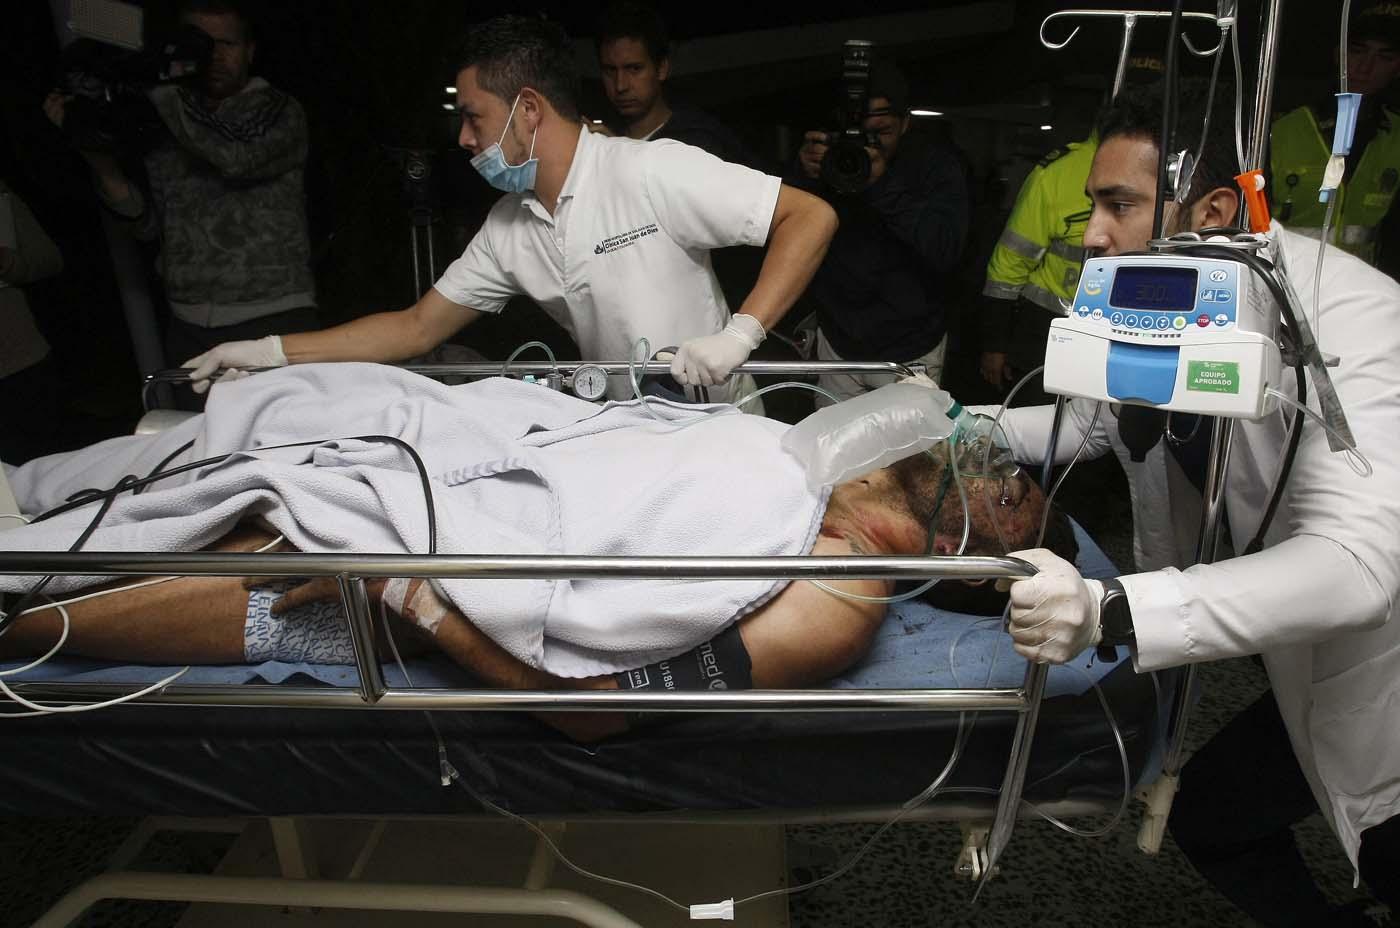 GRA001. LA CEJA (COLOMBIA), 29/11/2016.- Miembros de la Clínica San Juan de Dios reciben hoy, martes 29 de noviembre de 2016 en La Ceja (Colombia), al jugador del equipo brasileño Chapecoense Alan Ruschel. El futbolista brasileño Alan Ruschel es el primer superviviente del accidente del avión que transportaba al equipo de fútbol Chapecoense, que se estrelló anoche cuando se aproximaba al aeropuerto José María Córdoba de la ciudad colombiana de Medellín, según constató Efe en el hospital de la localidad de La Ceja, a donde empezaron a llegar los heridos. Ruschel, lateral izquierdo de 27 años, llegó conmocionado en una ambulancia, pese a lo cual preguntaba insistentemente por su familia y pedía que le guardaran el anillo de matrimonio. EFE/LUIS EDUARDO NORIEGA A.